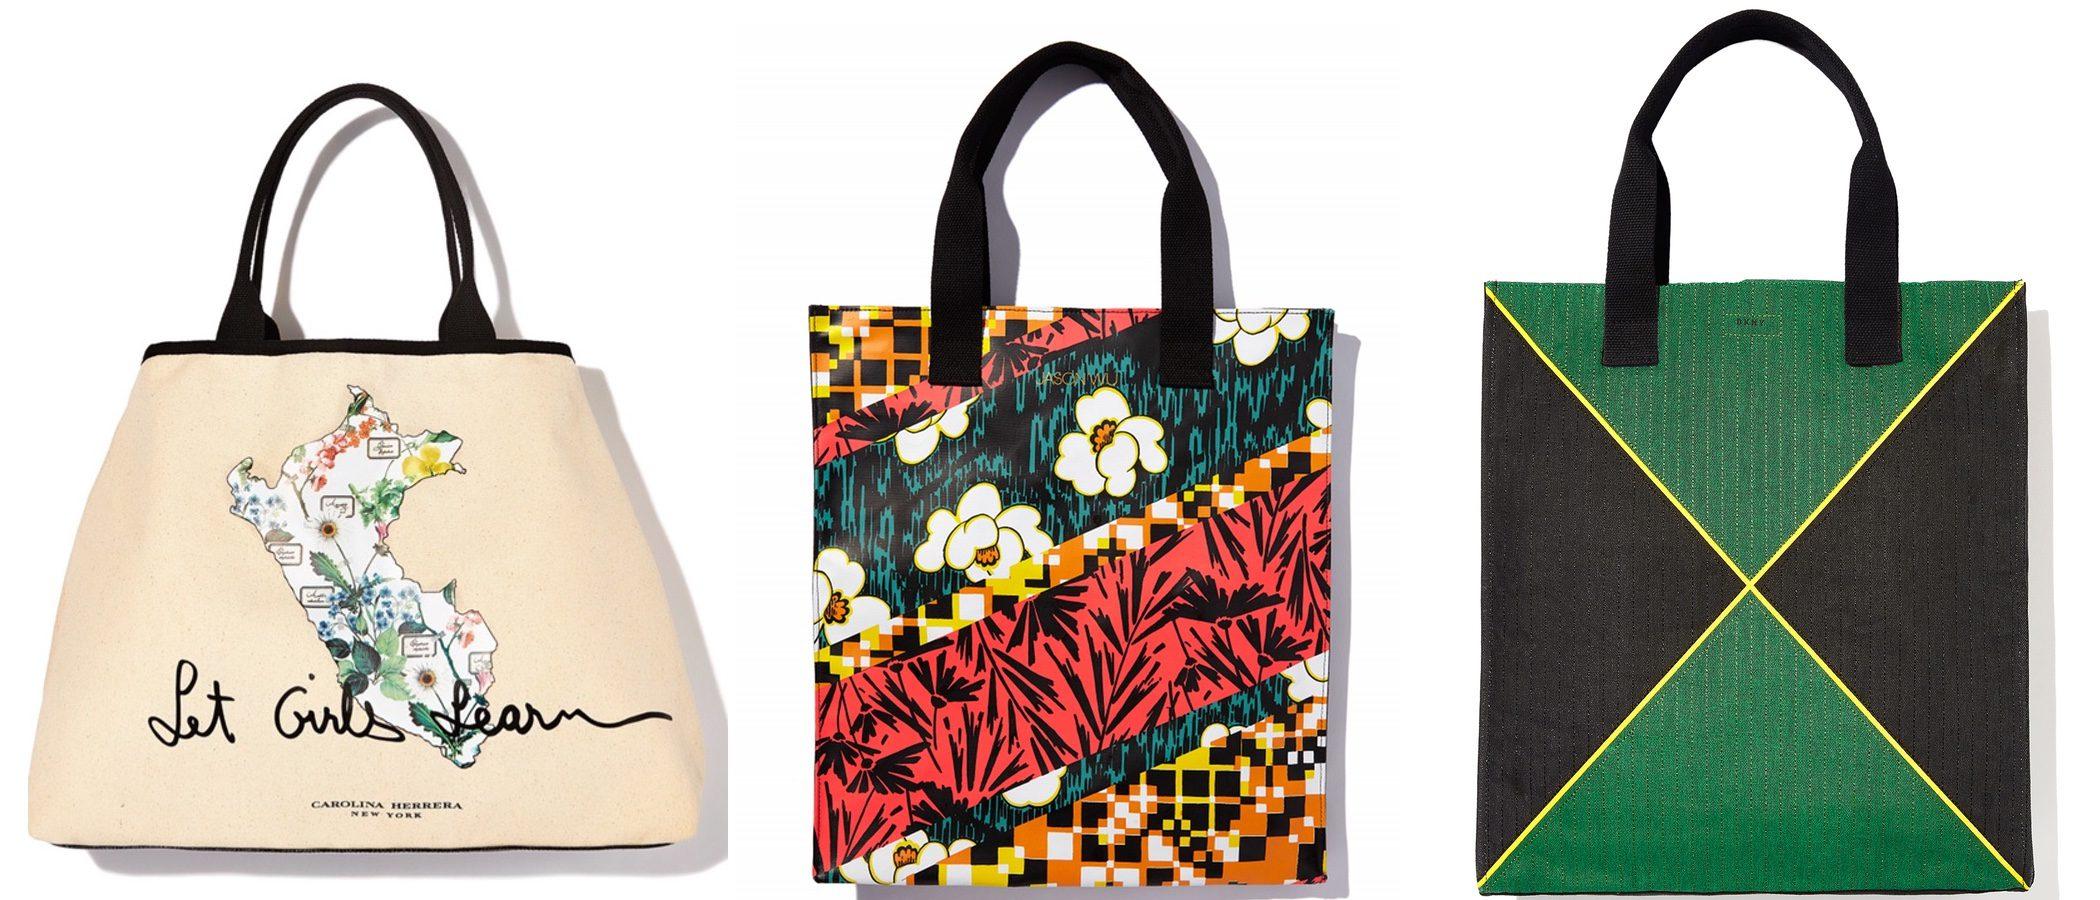 Los bolsos solidarios inspirados en Michelle Obama y firmados por DKNY o Carolina Herrera